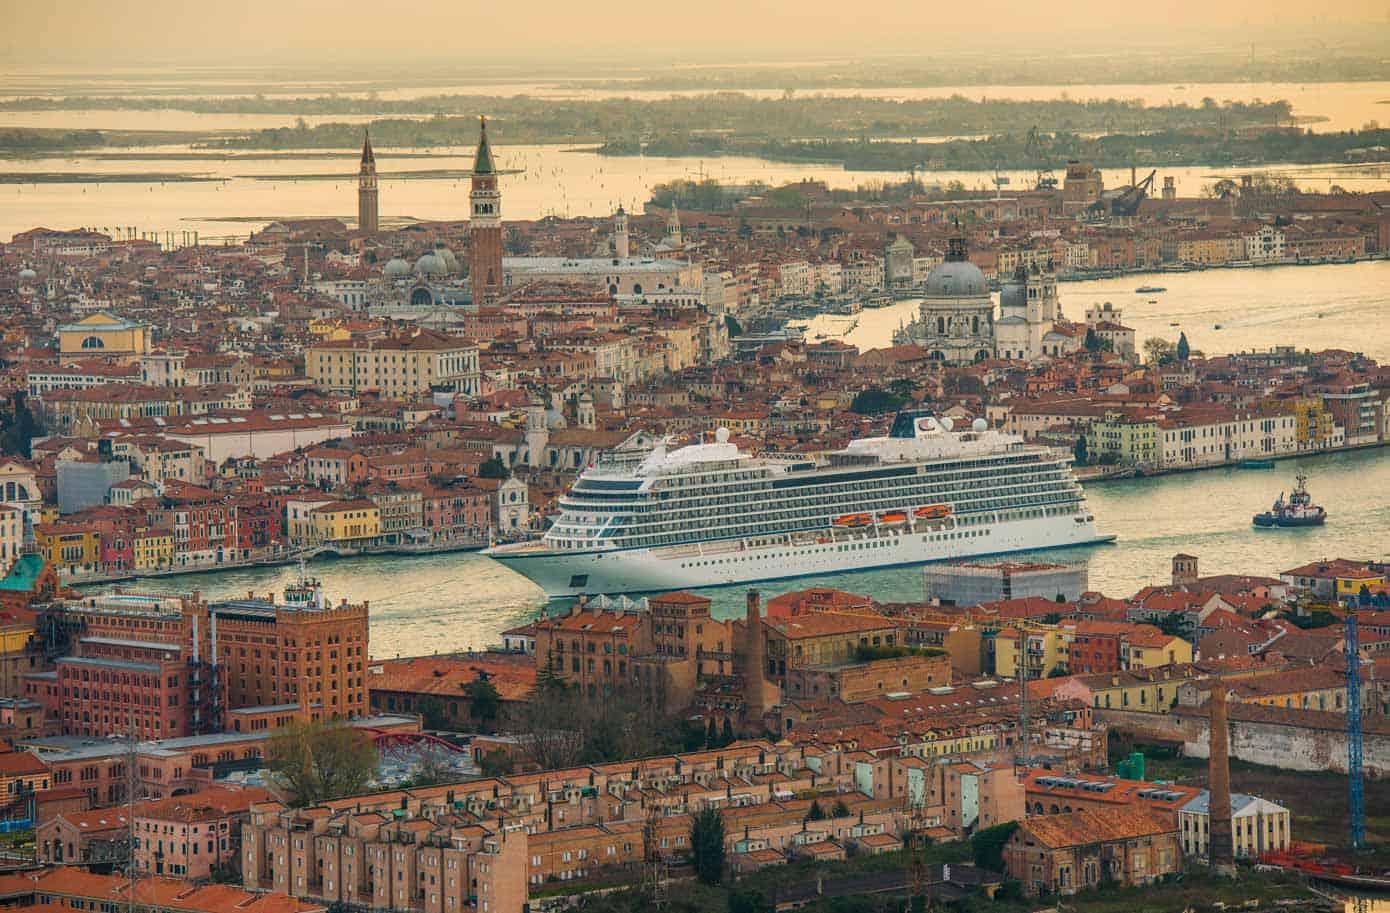 Cruise ship sailing through Venice at sunset.